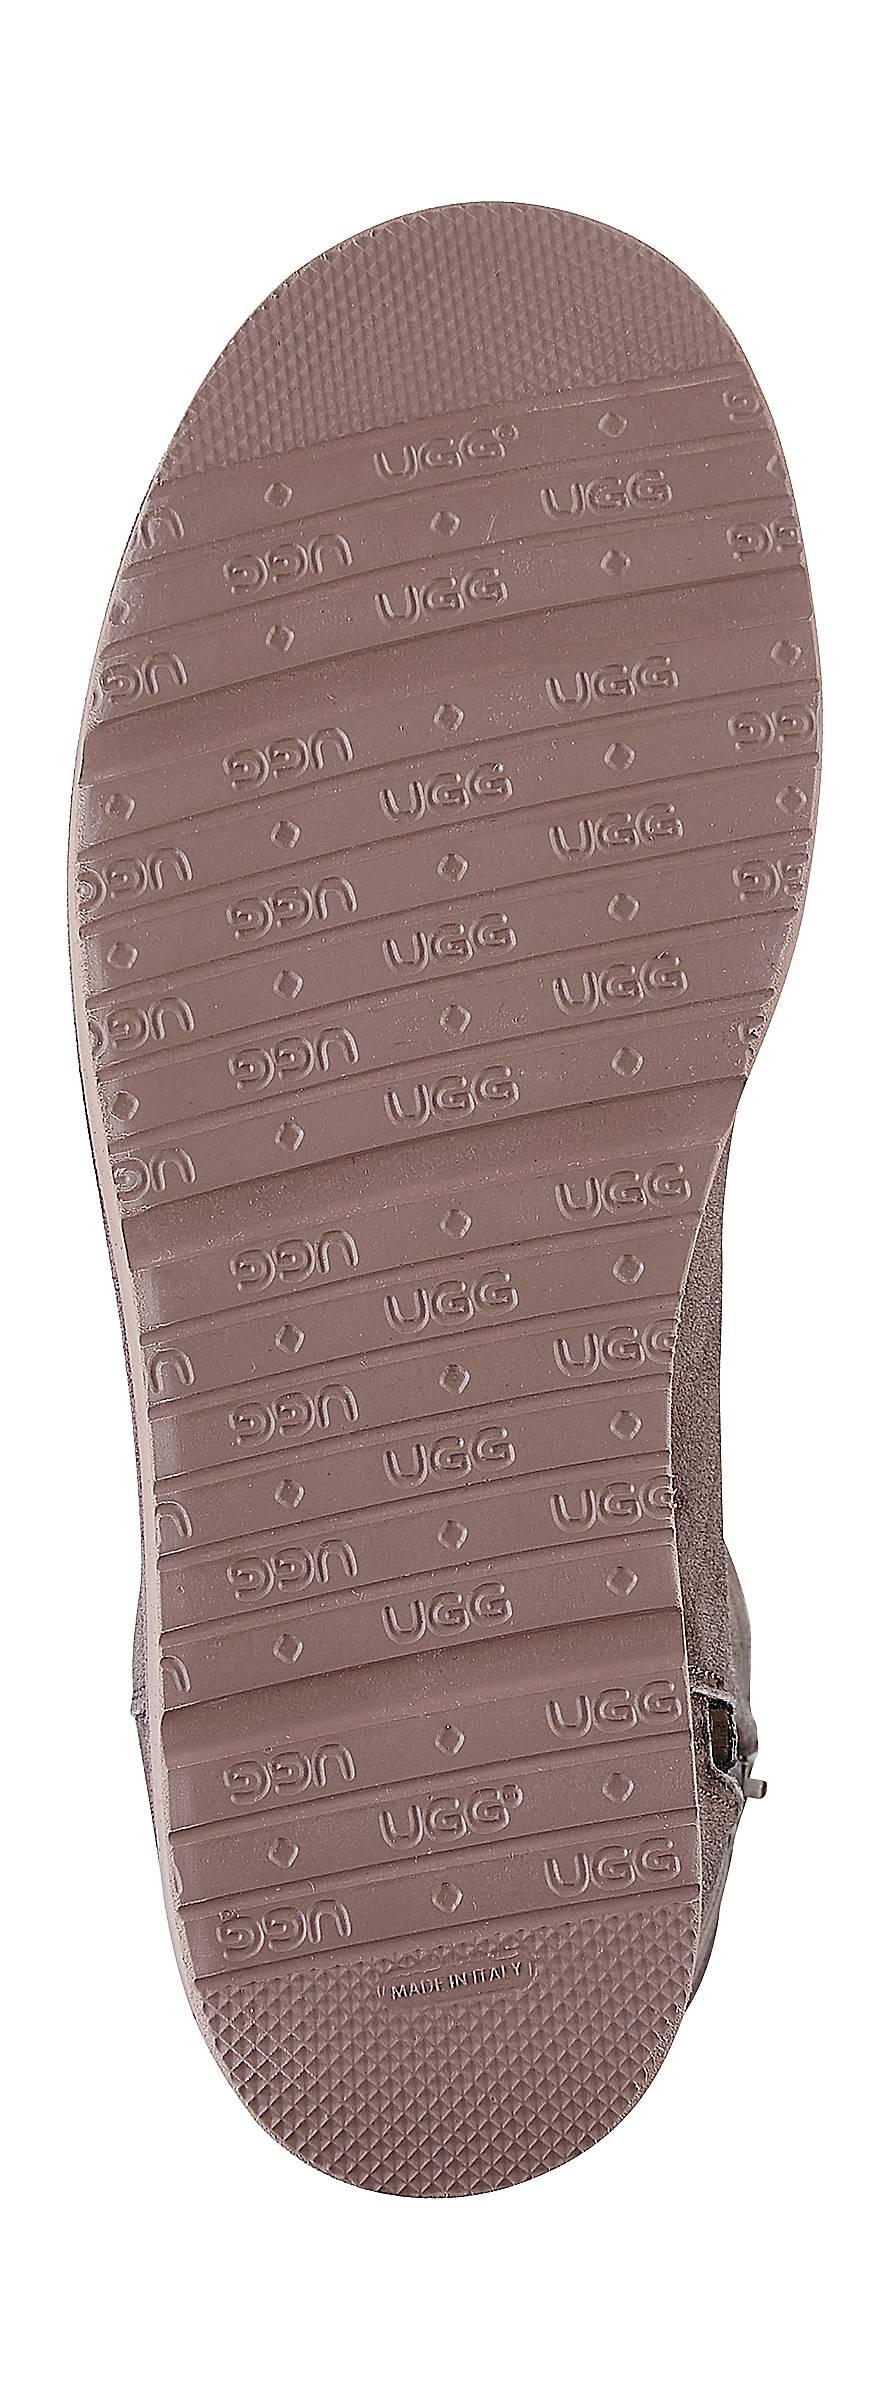 Ugg boots unter 100 euro for Schreibtisch unter 100 euro